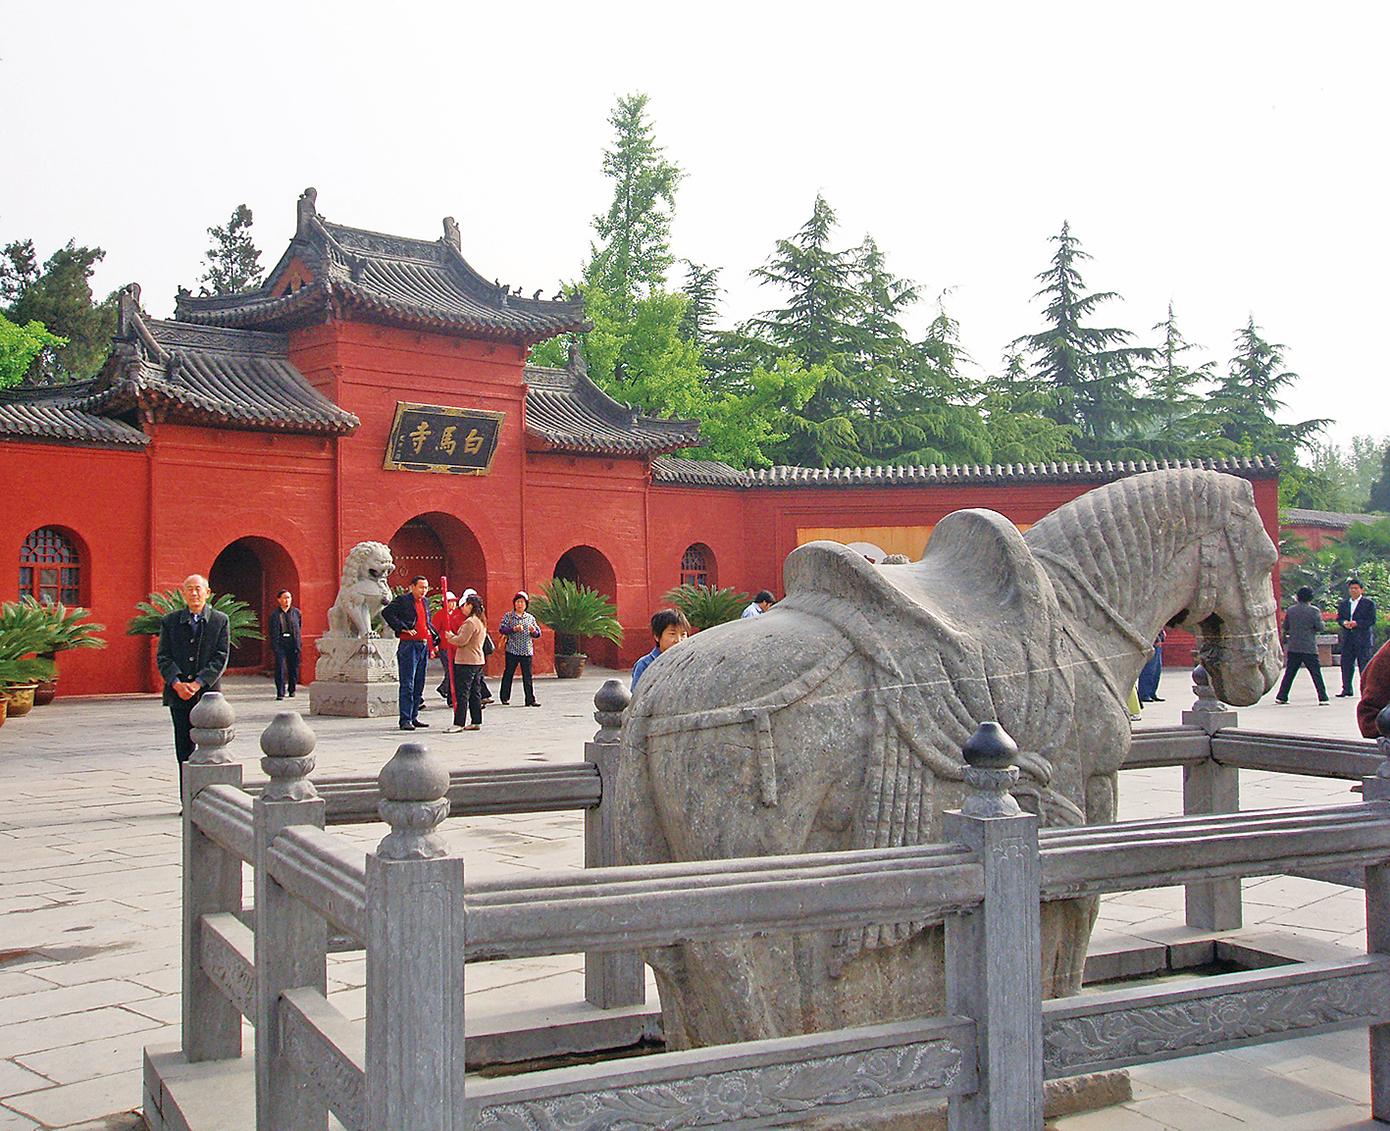 東漢第二個皇帝明帝好佛,在洛陽建立了中國歷史上第一個佛寺「白馬寺」。(Fanghong / 維基百科)